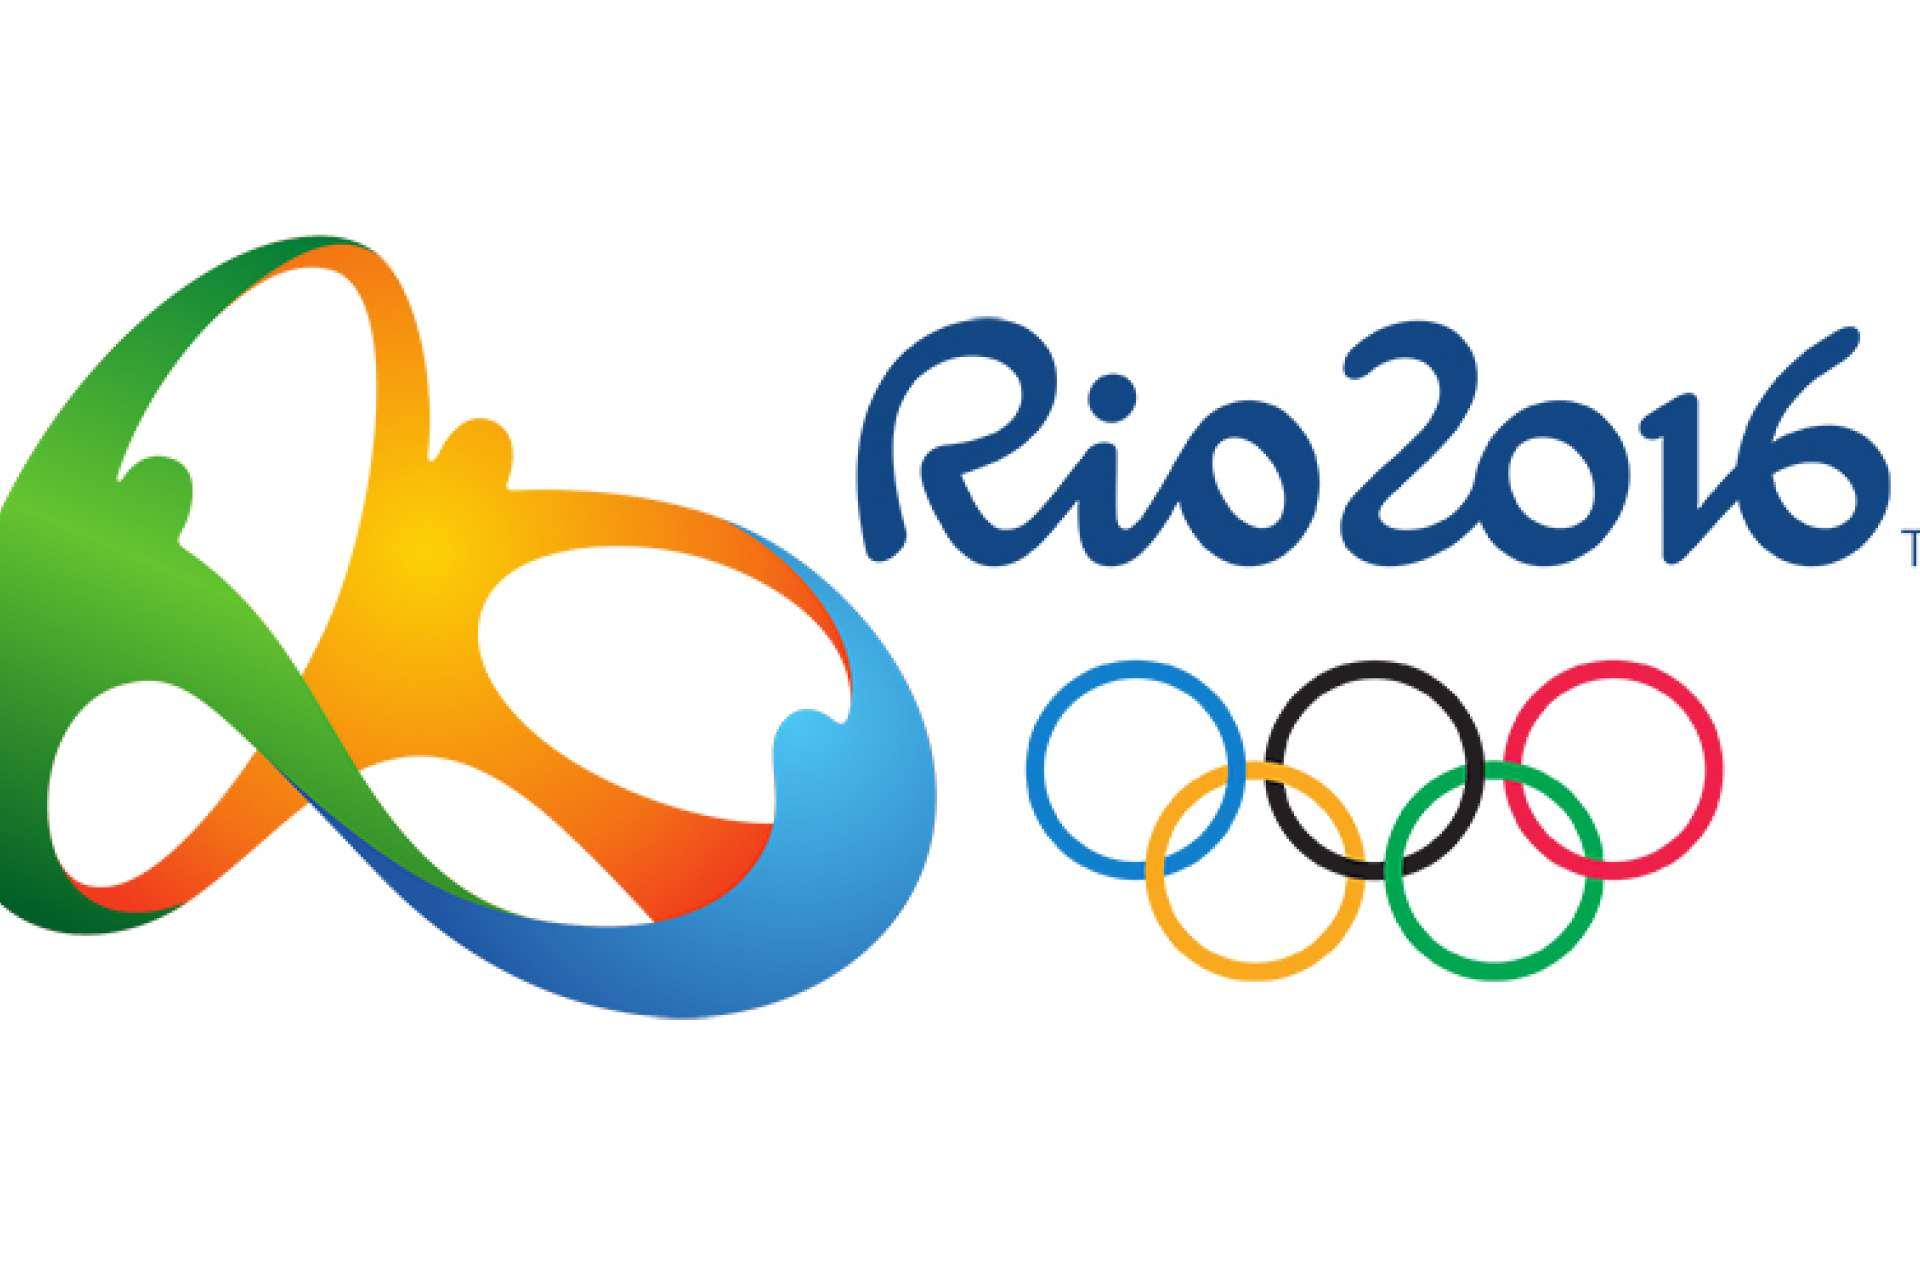 هایک ویژن پخش تلویزیونی مسابقات ارزیابی واتر پلو المپیک را بر عهده گرفت!